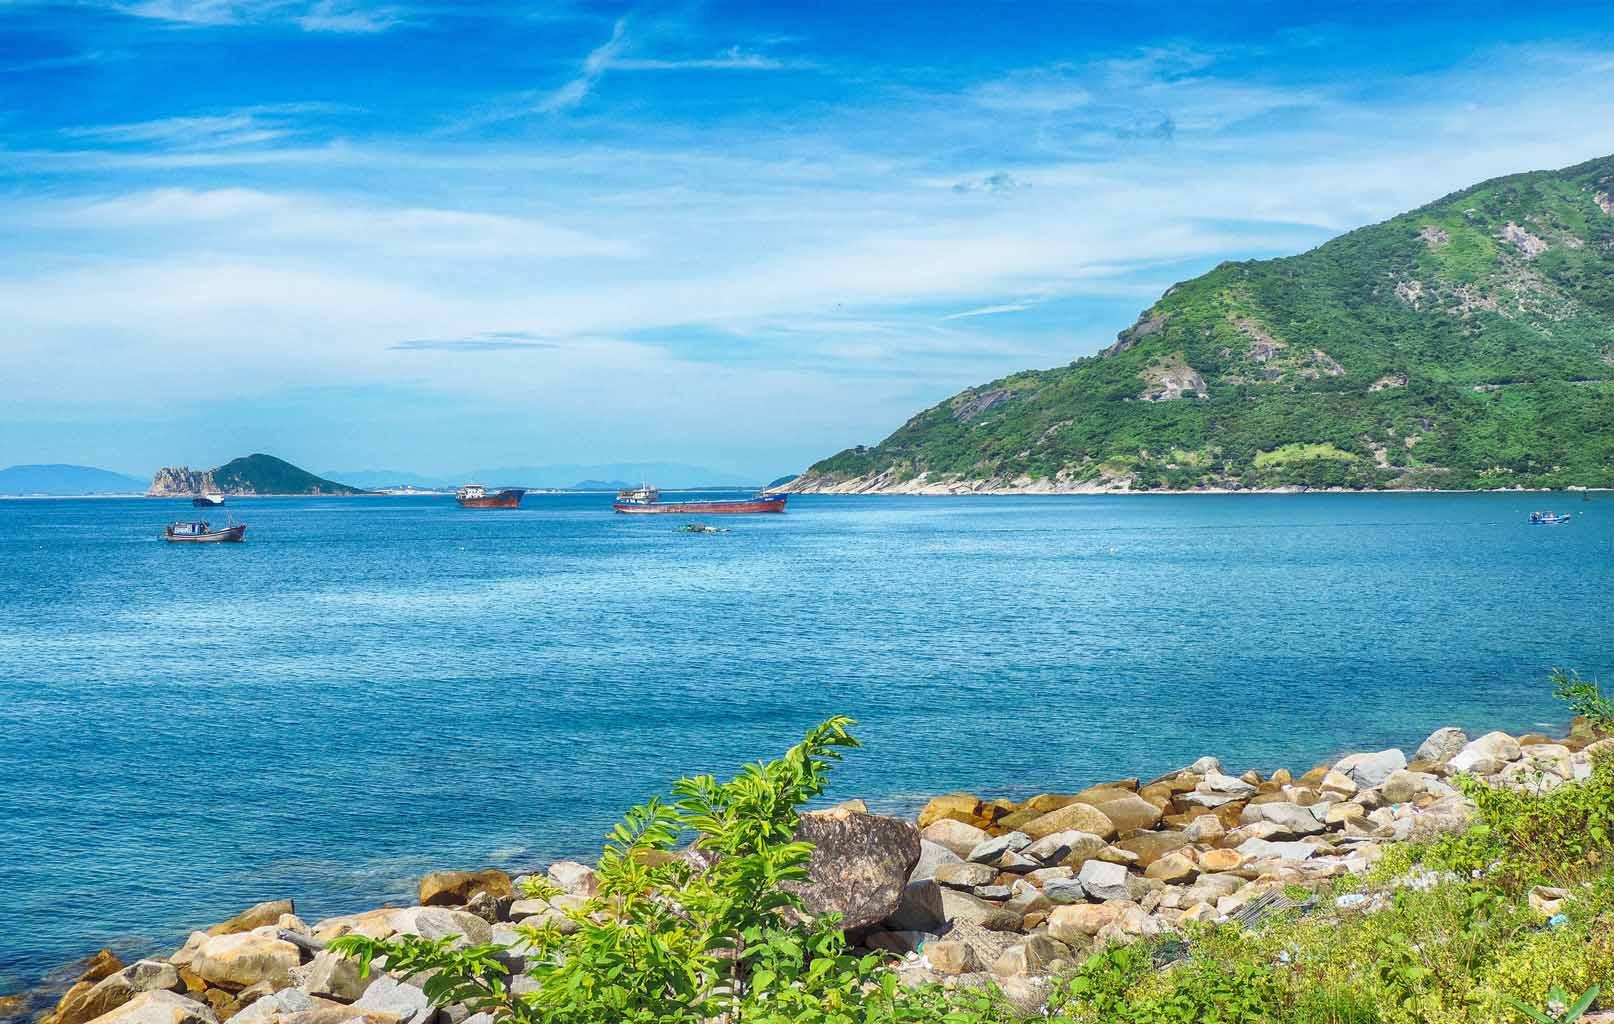 Thời gian lý tưởng để đi du lịch Phú Yên